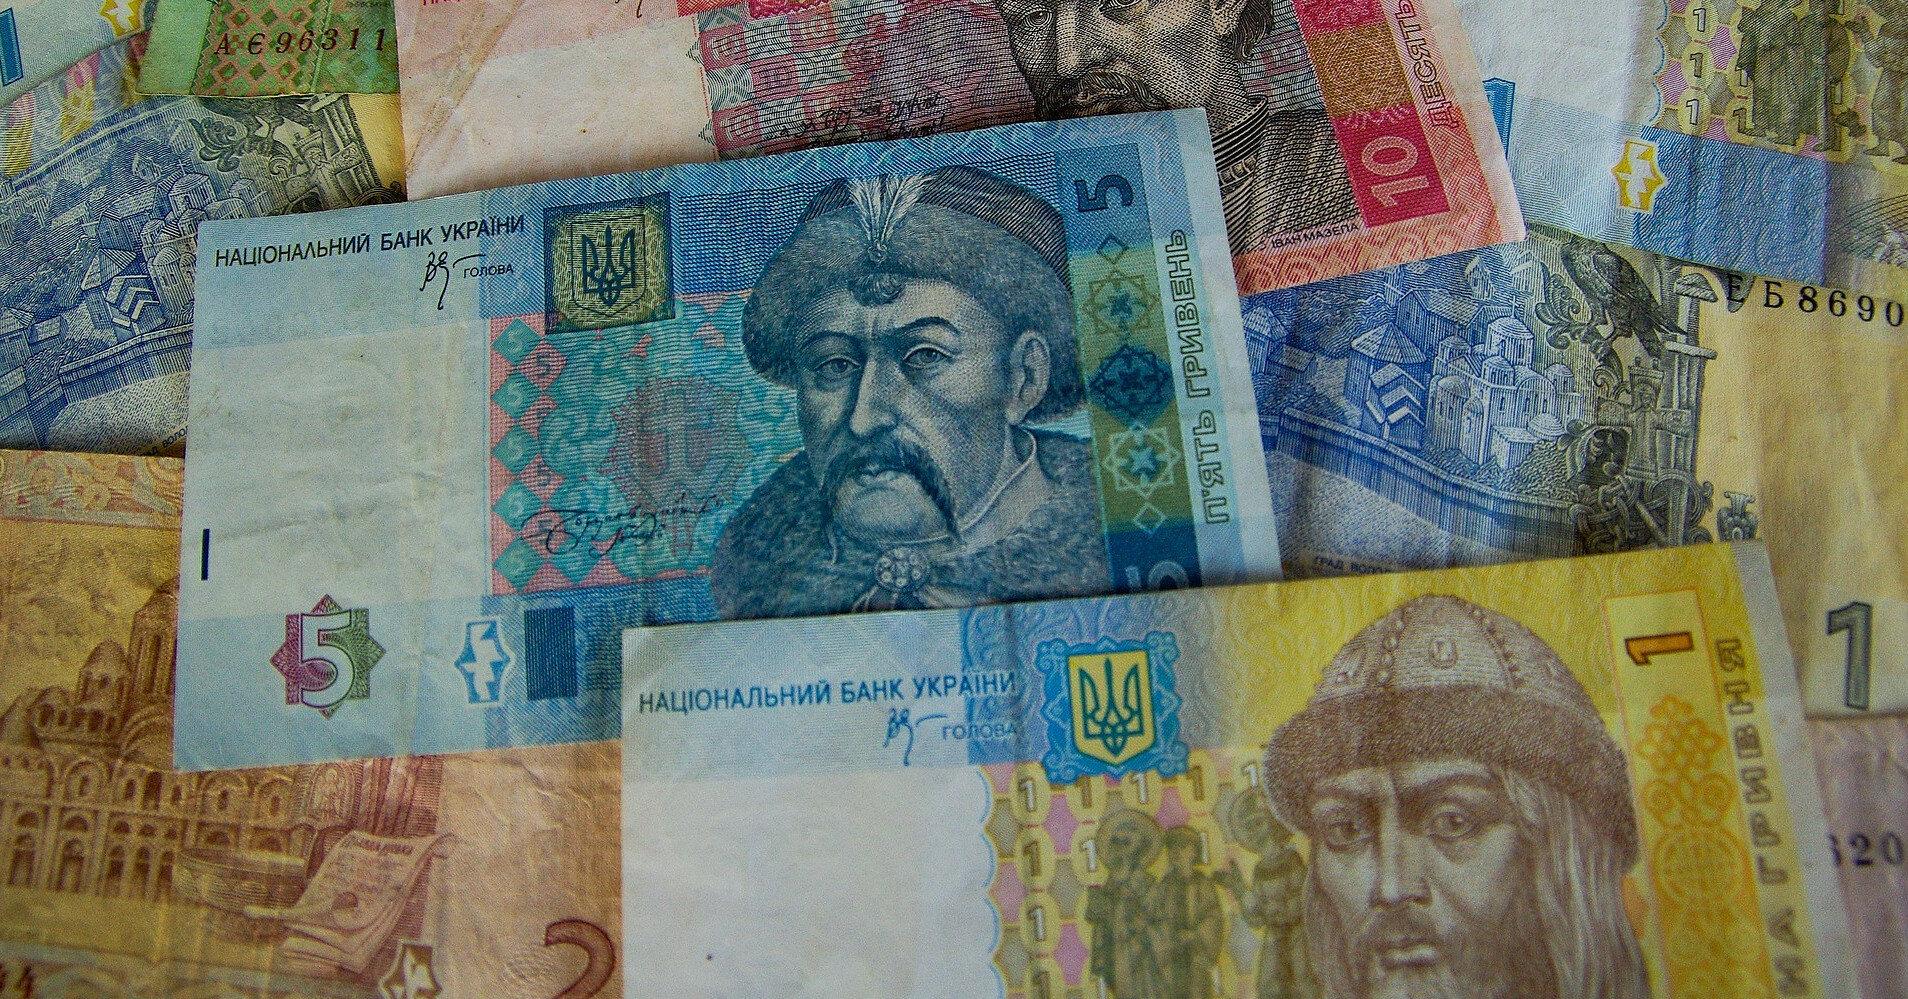 Обмен изношенных банкнот на новые: нюансы